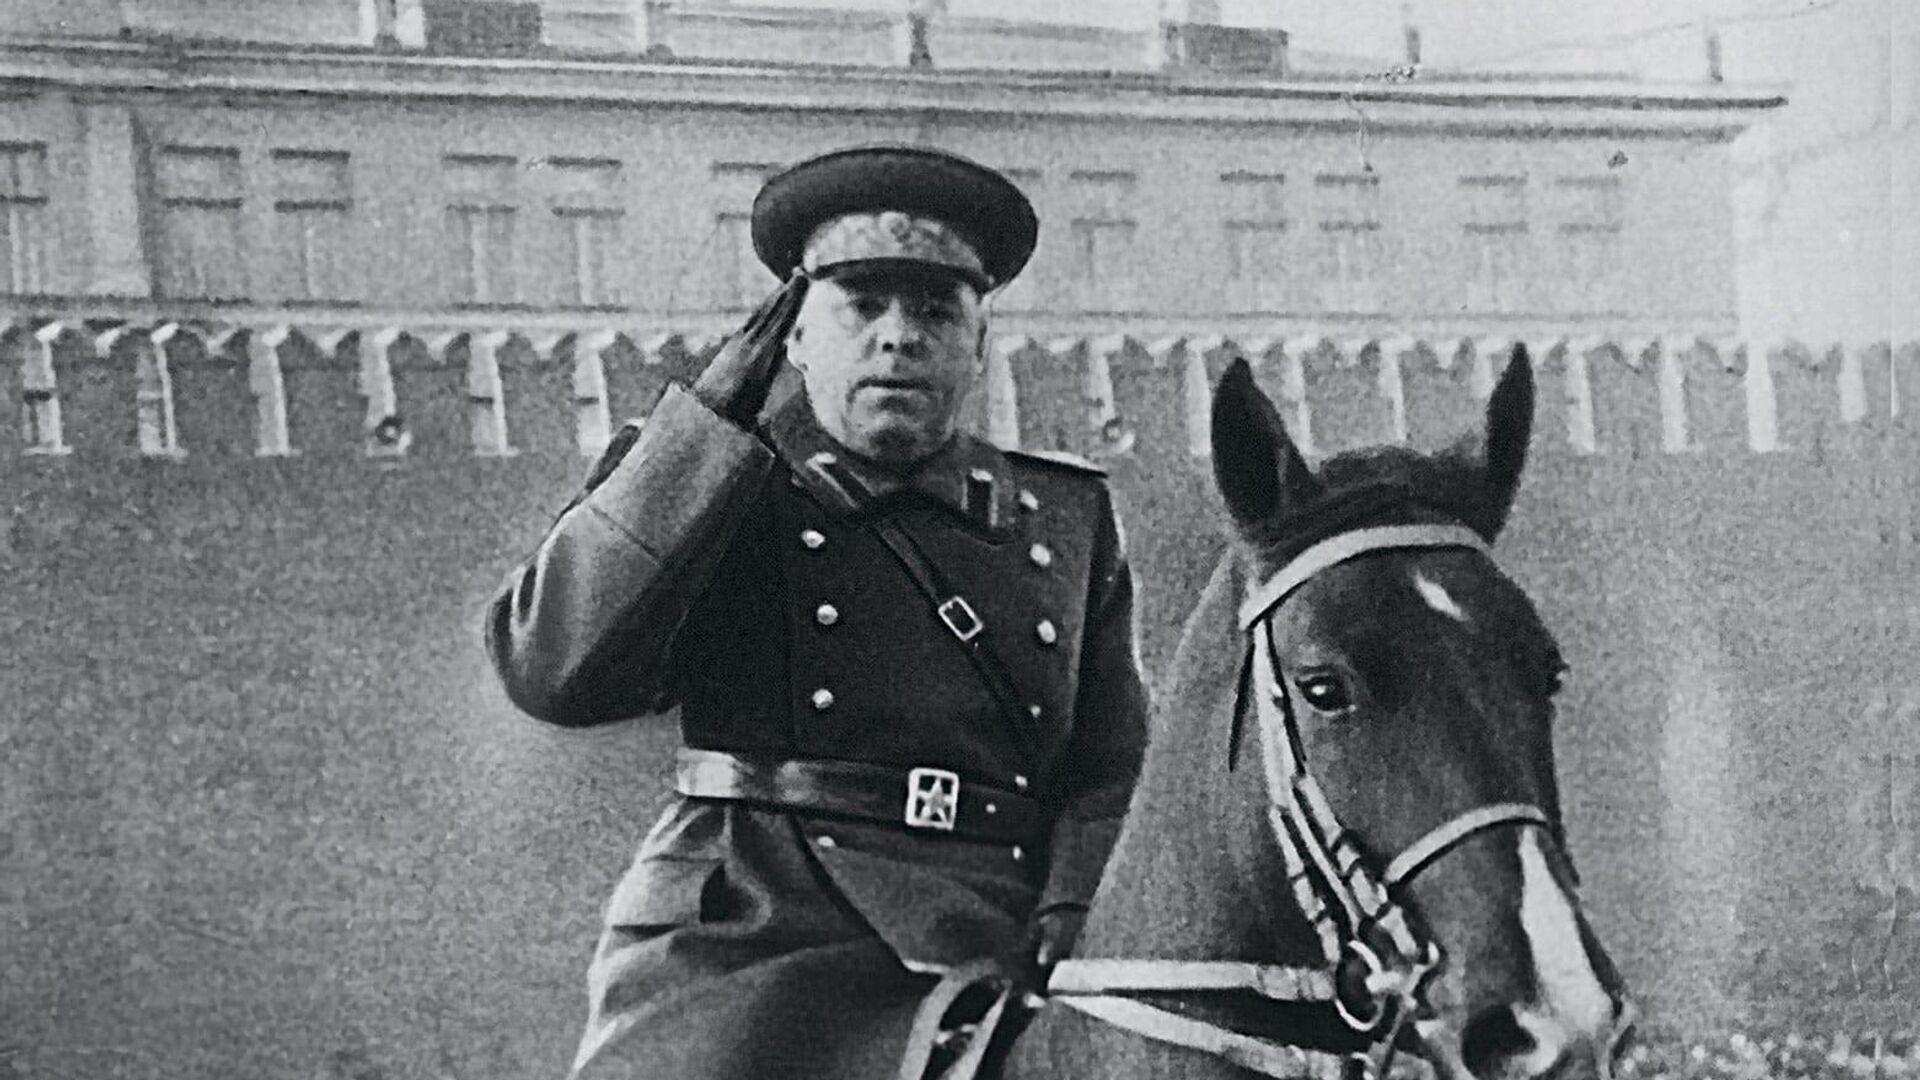 Маршал Советского Союза, дважды Герой Советского Союза Василевский Александр Михайлович на параде Победы 7 ноября 1949 г. - РИА Новости, 1920, 18.05.2021